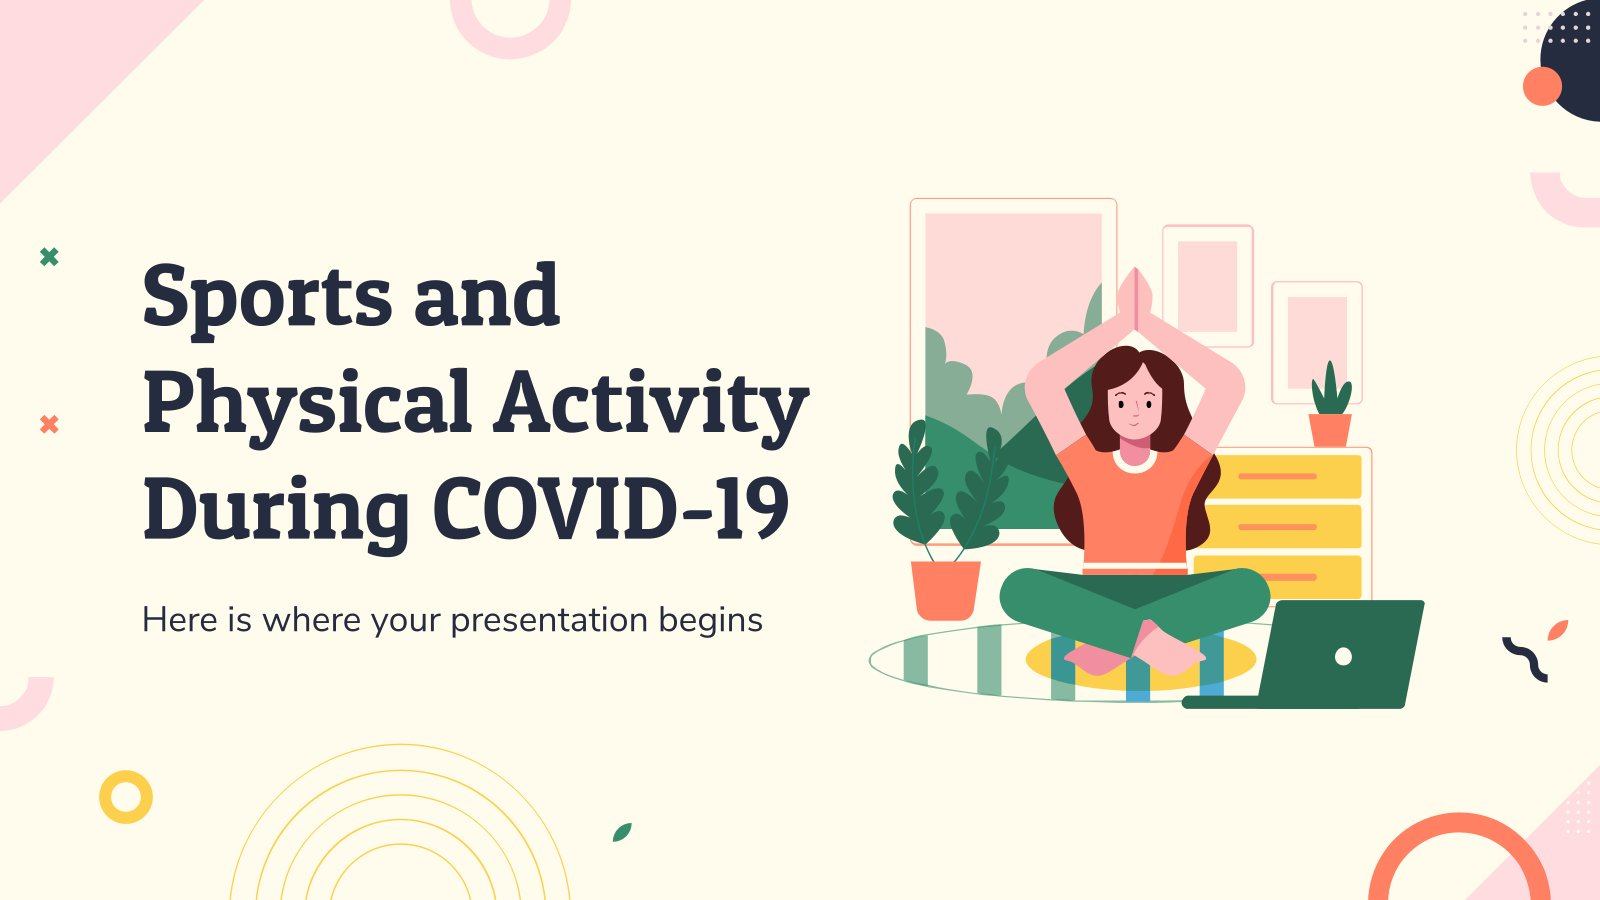 Modelo de apresentação Esportes e atividade física durante a COVID-19